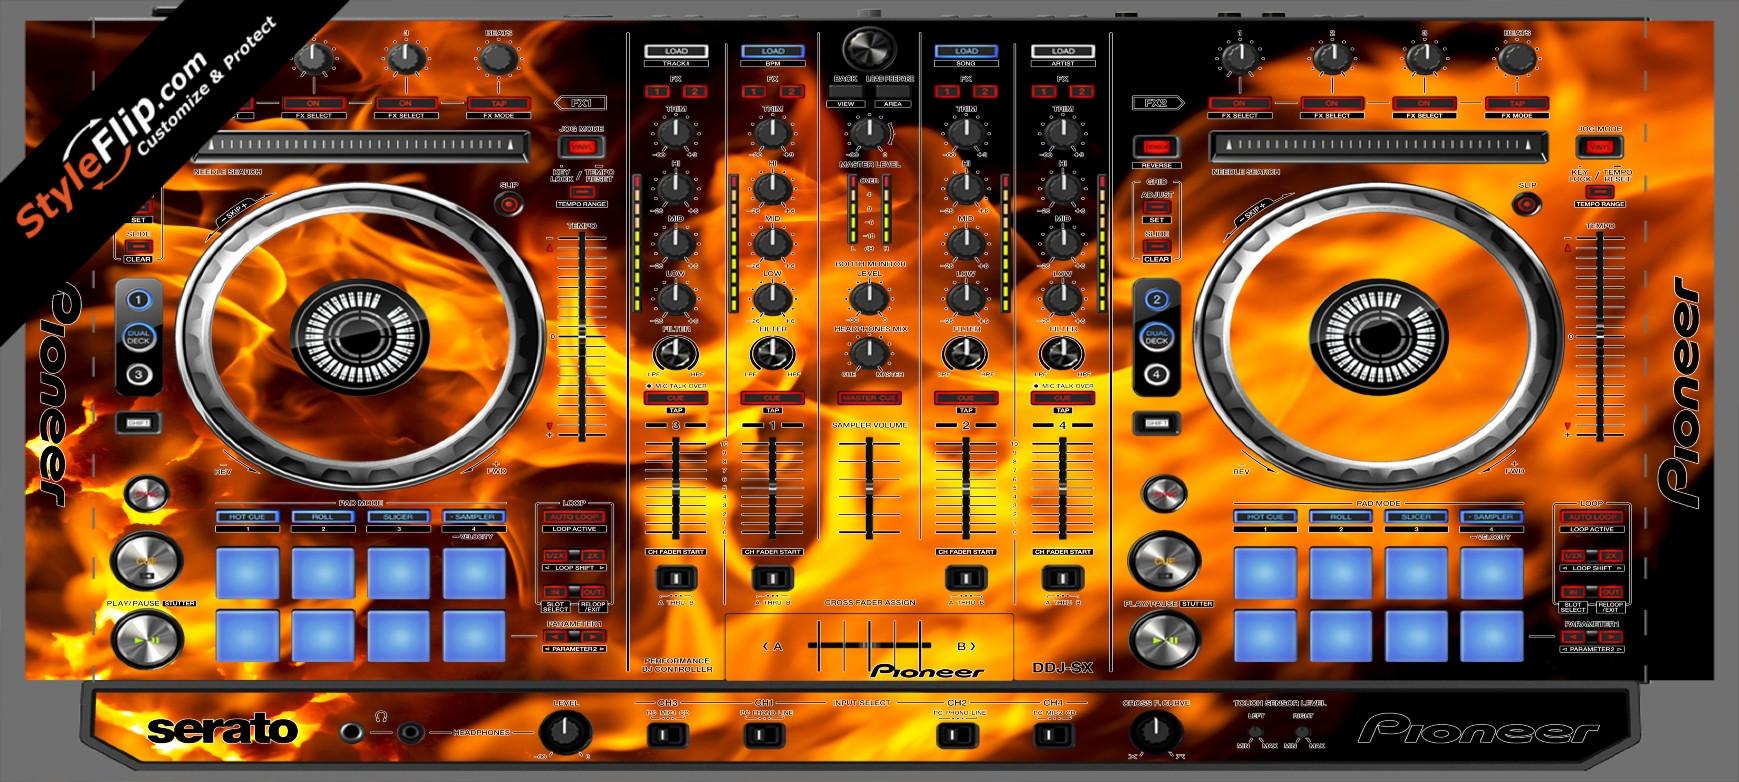 Hot Stuff  Pioneer DDJ-SX